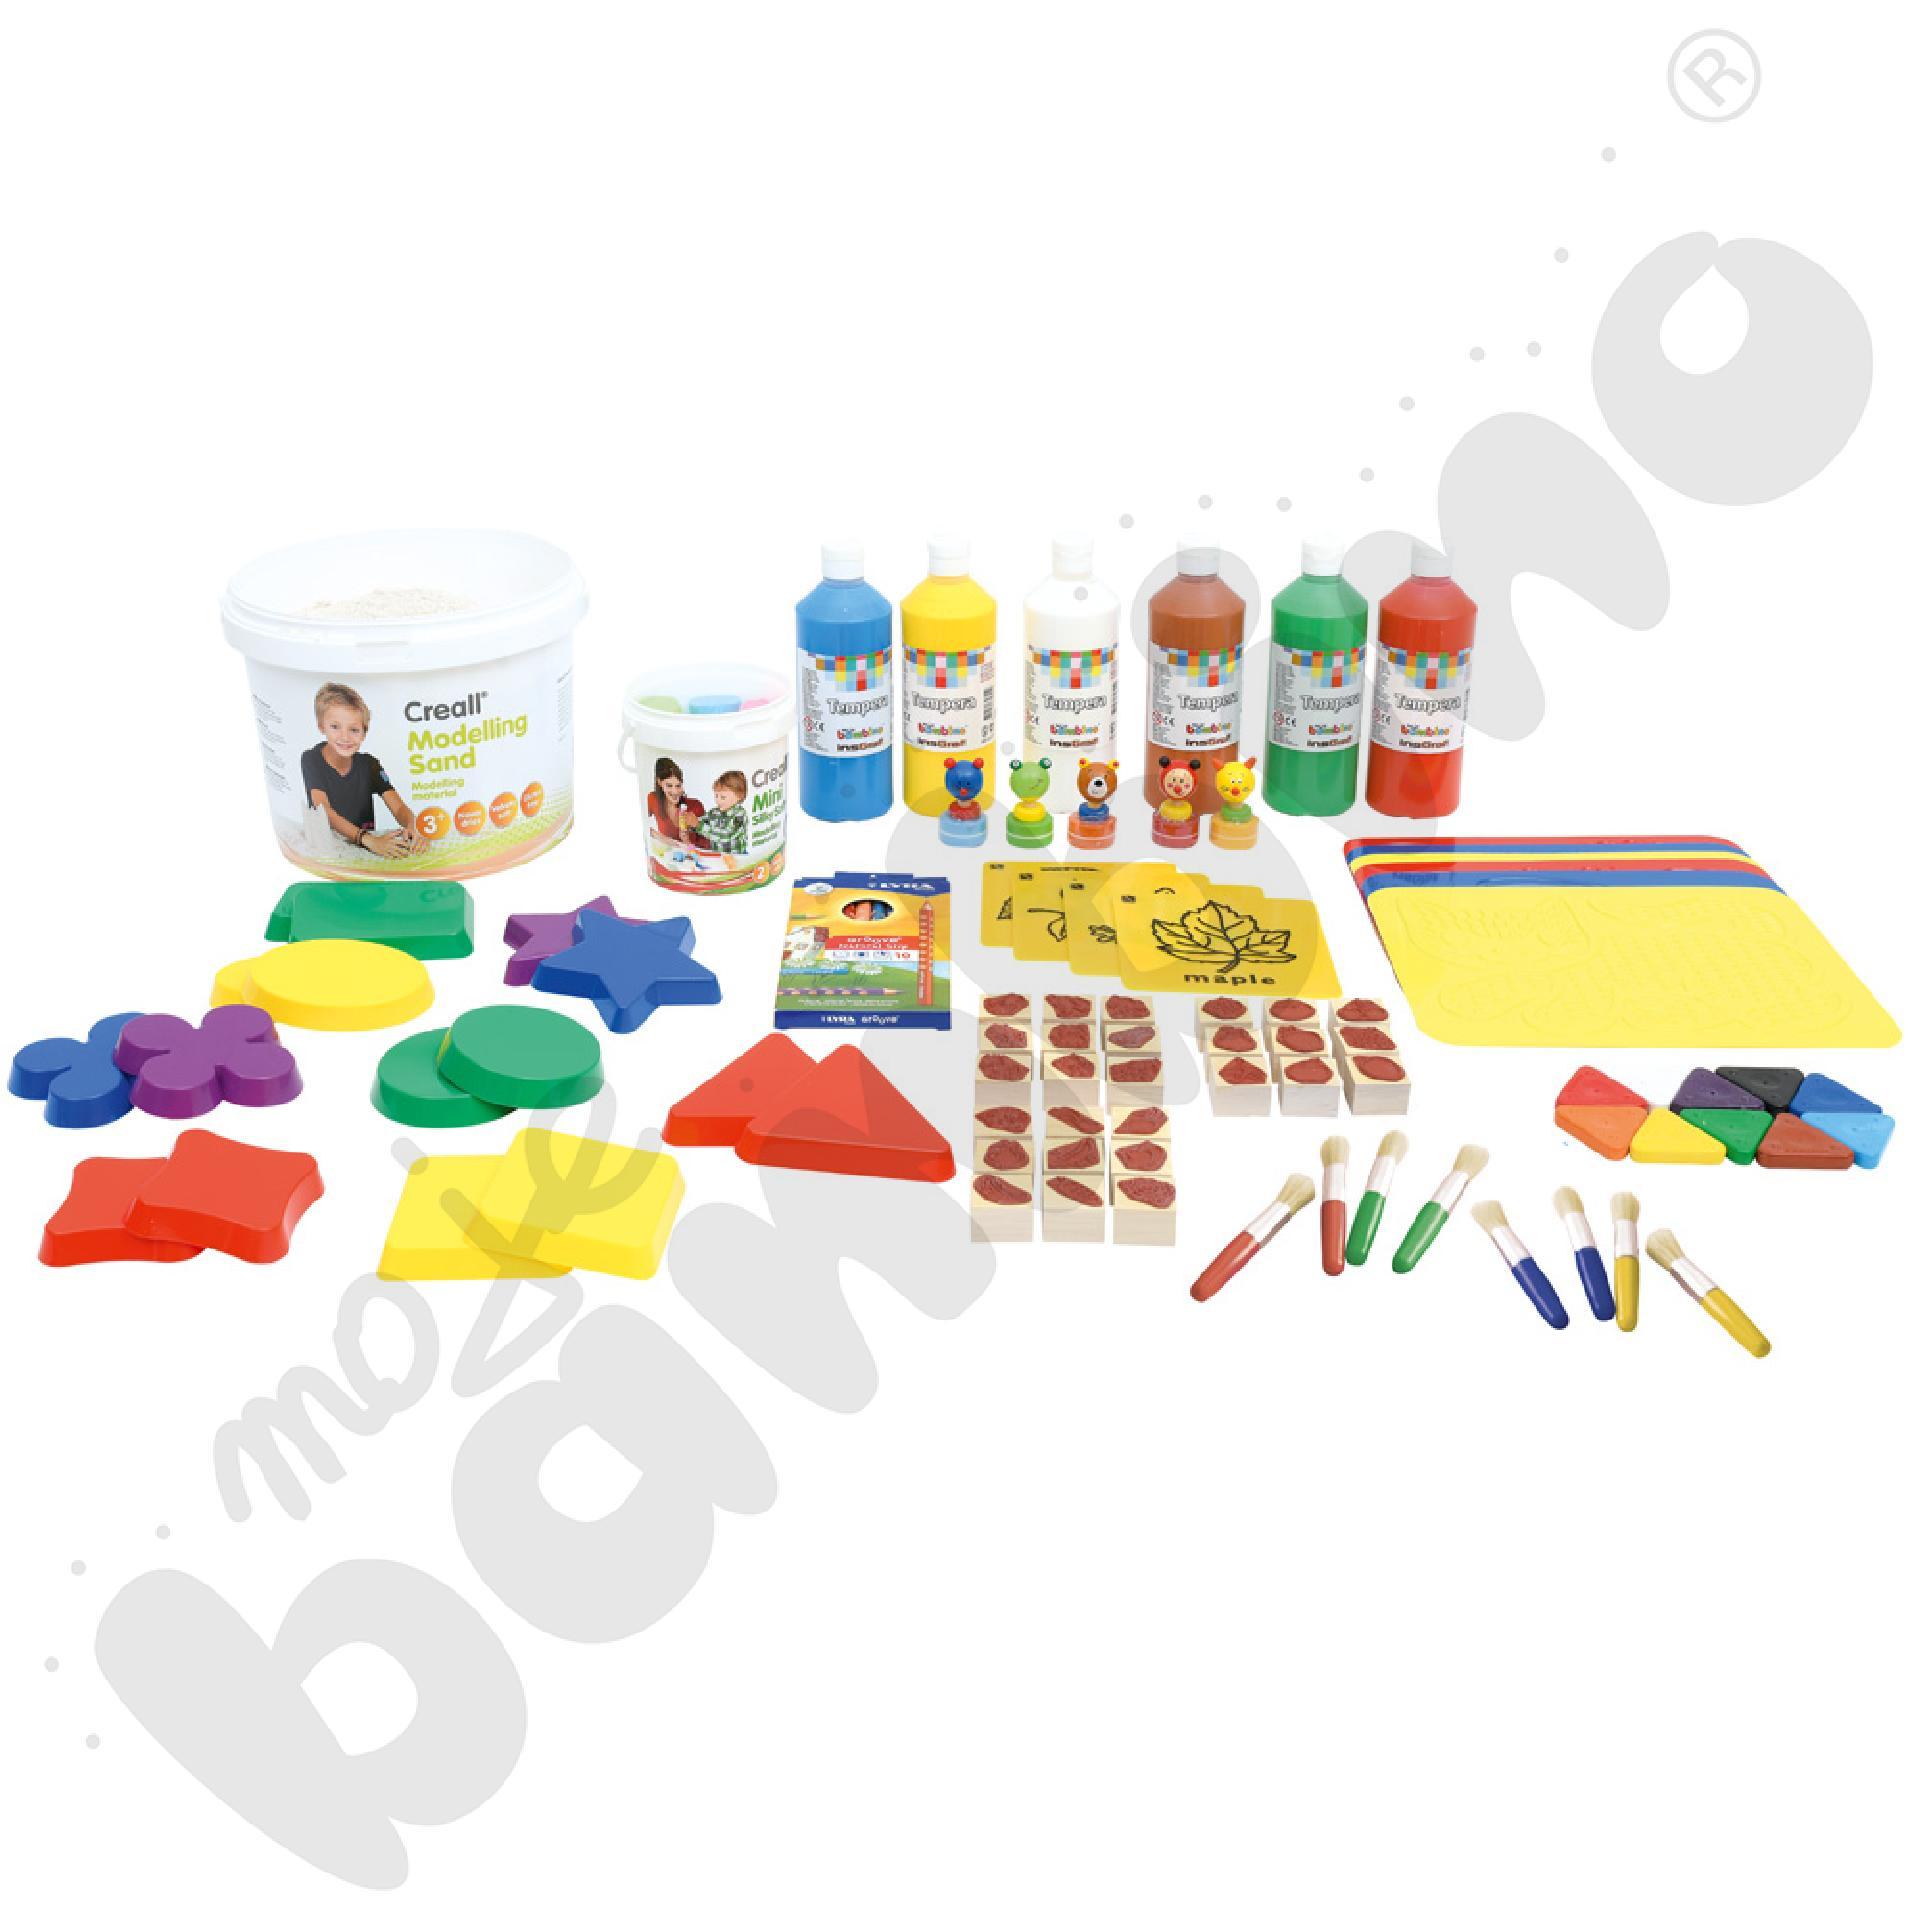 Wyprawka dla dziecka ze SPE 2